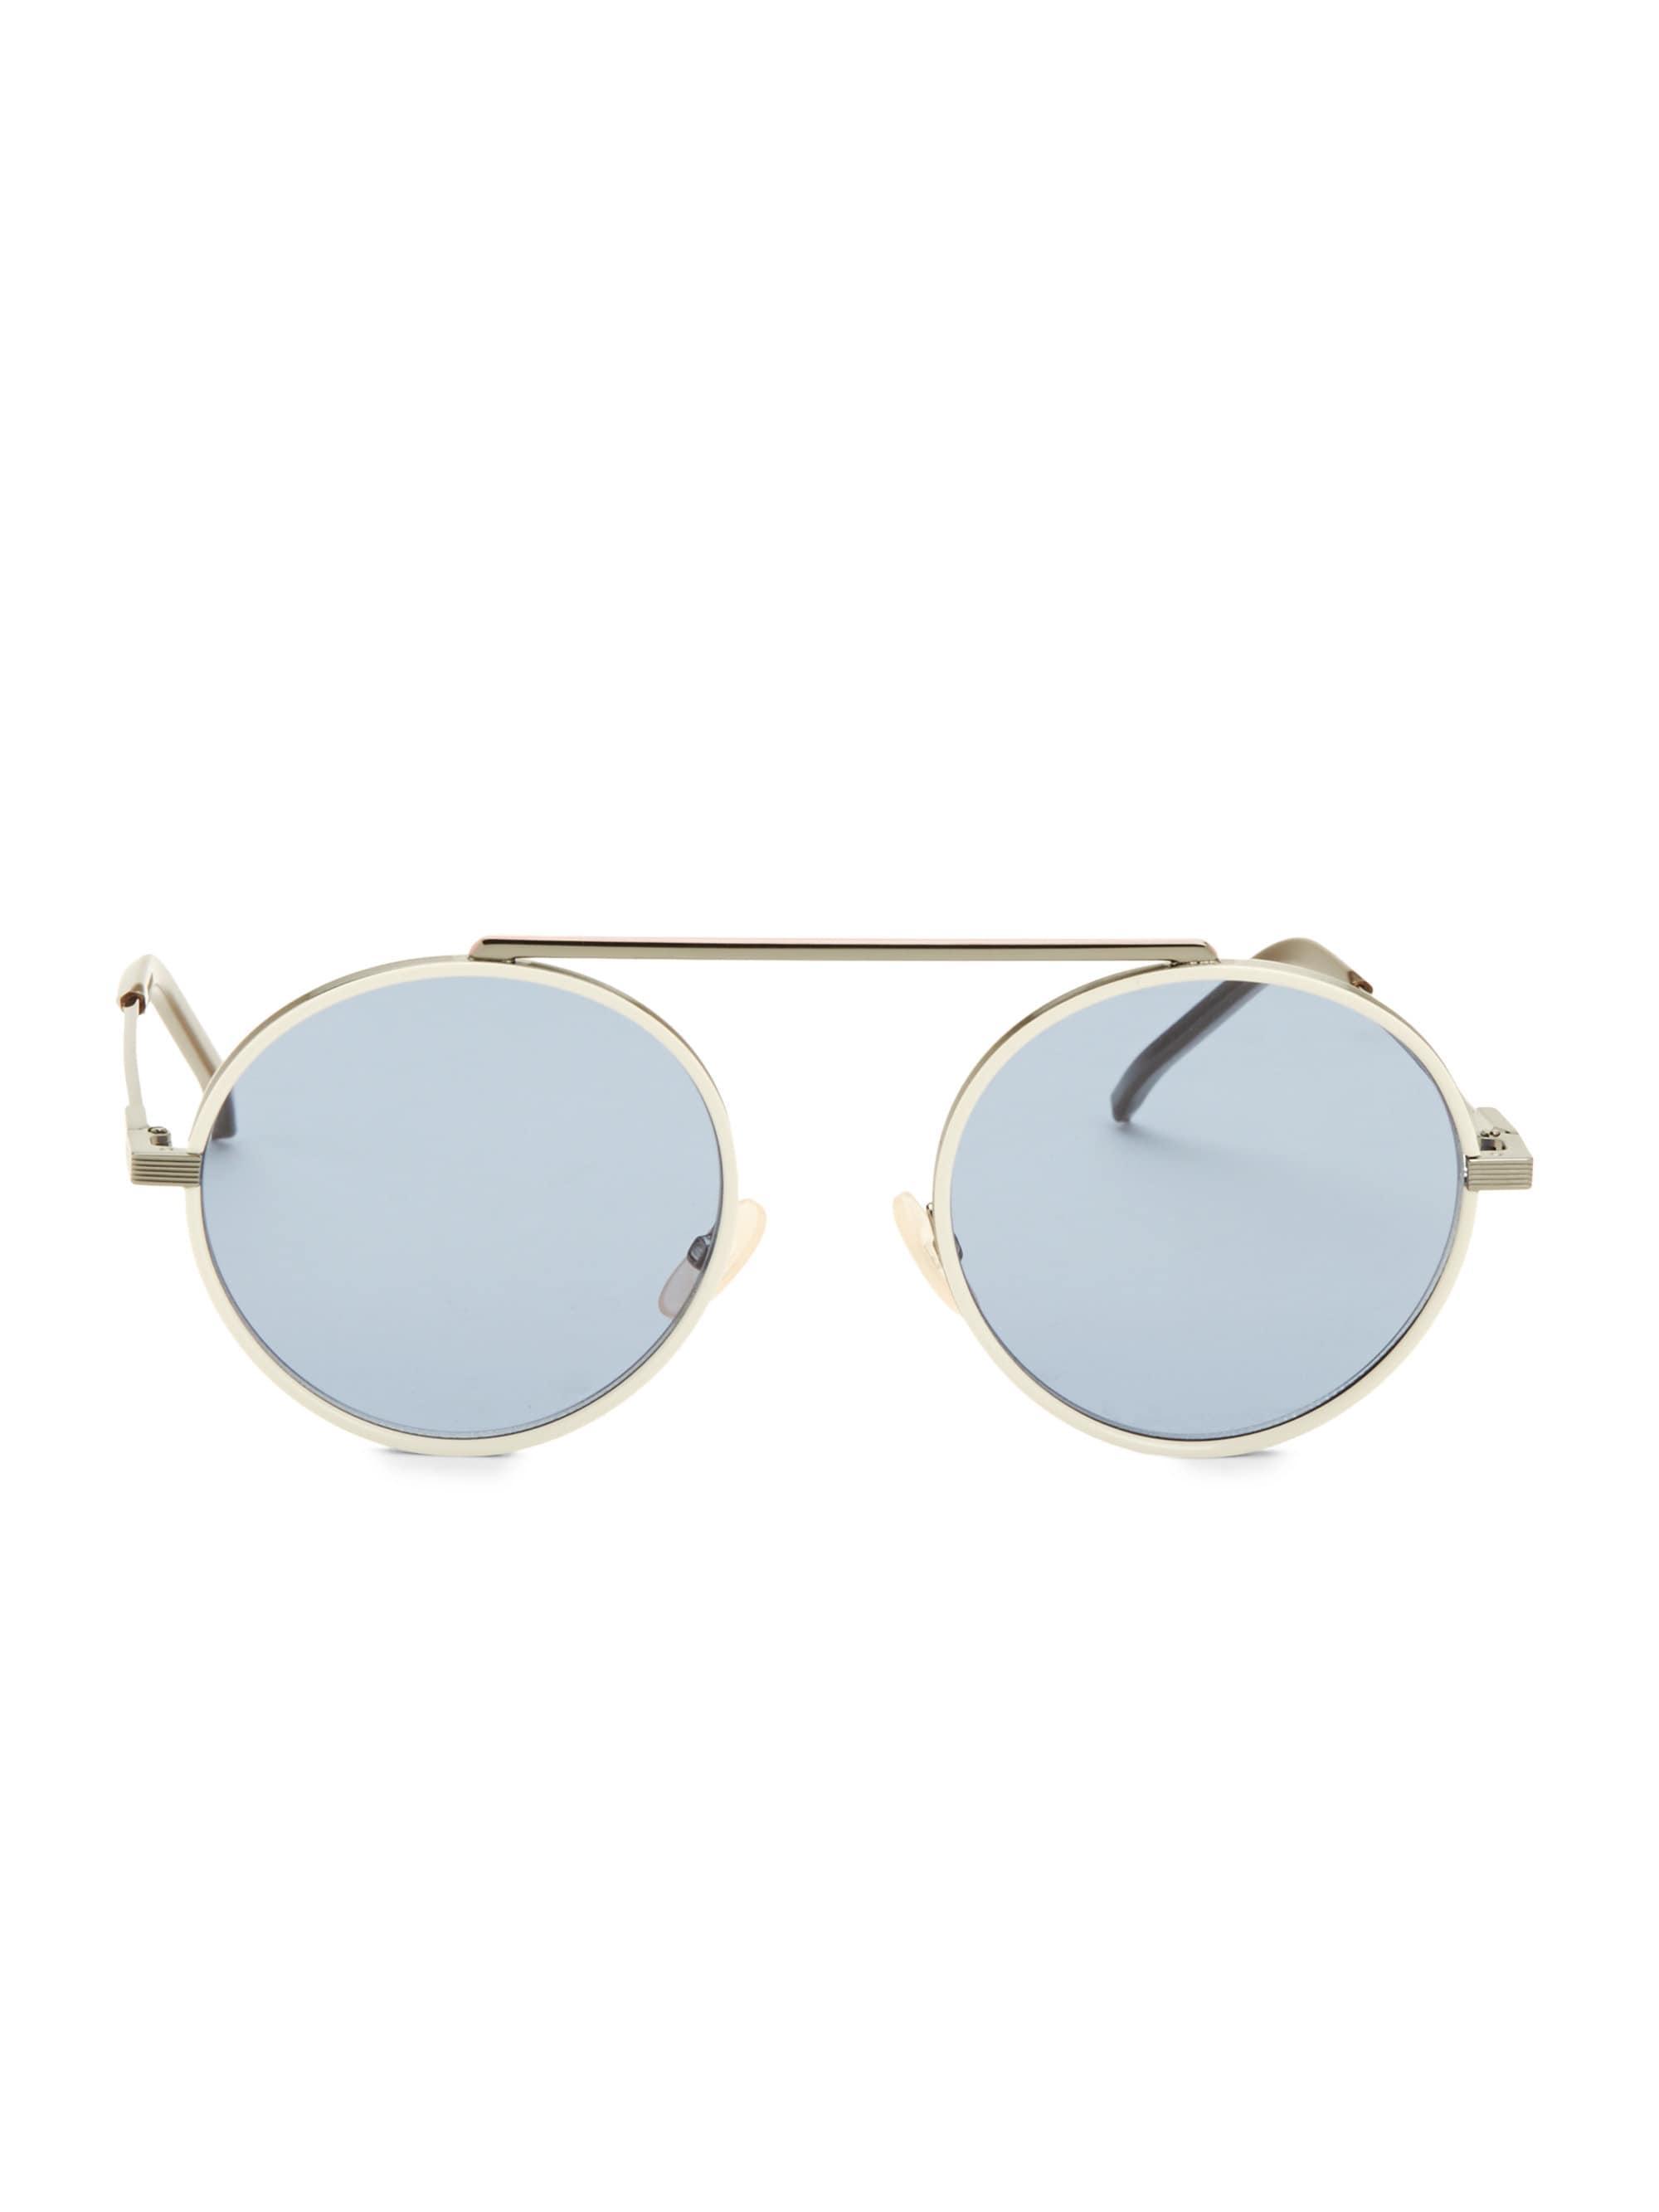 0ff6c043b91 Fendi. Women s 54mm Round Aviator Sunglasses - Dark Grey White. £388 From Saks  Fifth Avenue